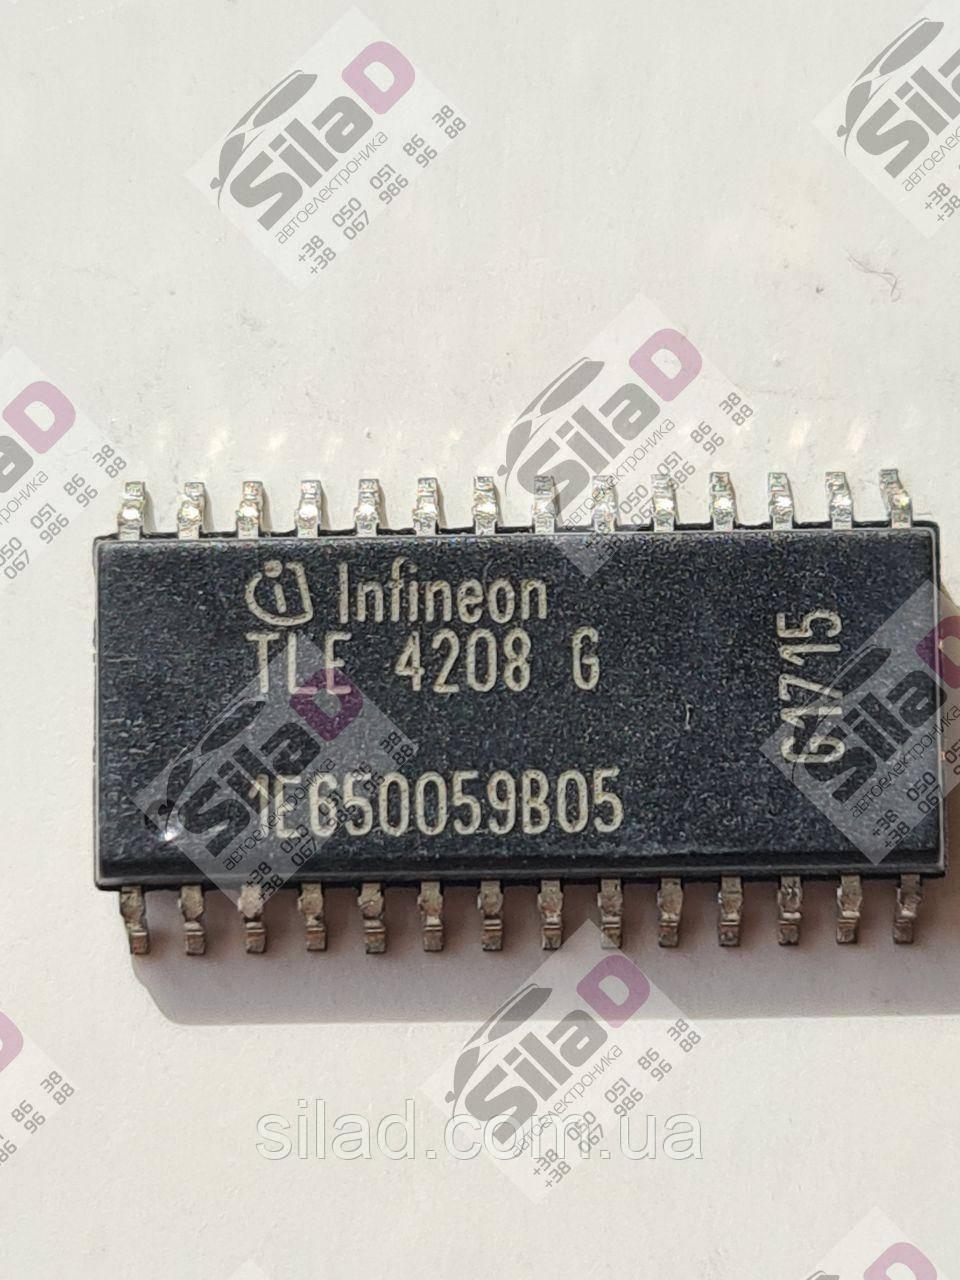 Микросхема TLE4208G Infineon корпус SOP-28